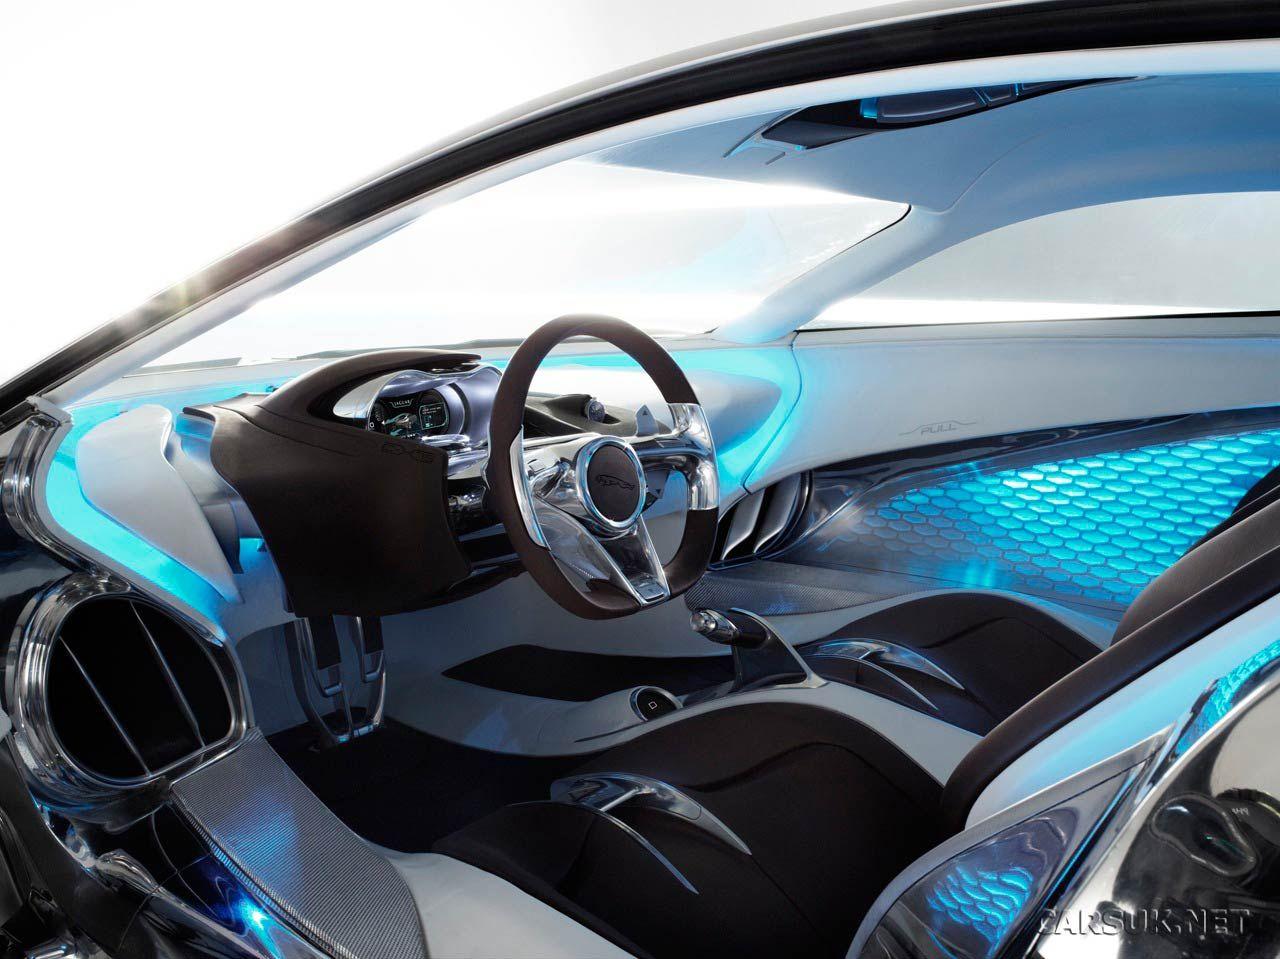 Jaguar C X75 Concept Supercar, Built To Celebrate Jaguaru0027s 75th Anniversary  Inside View